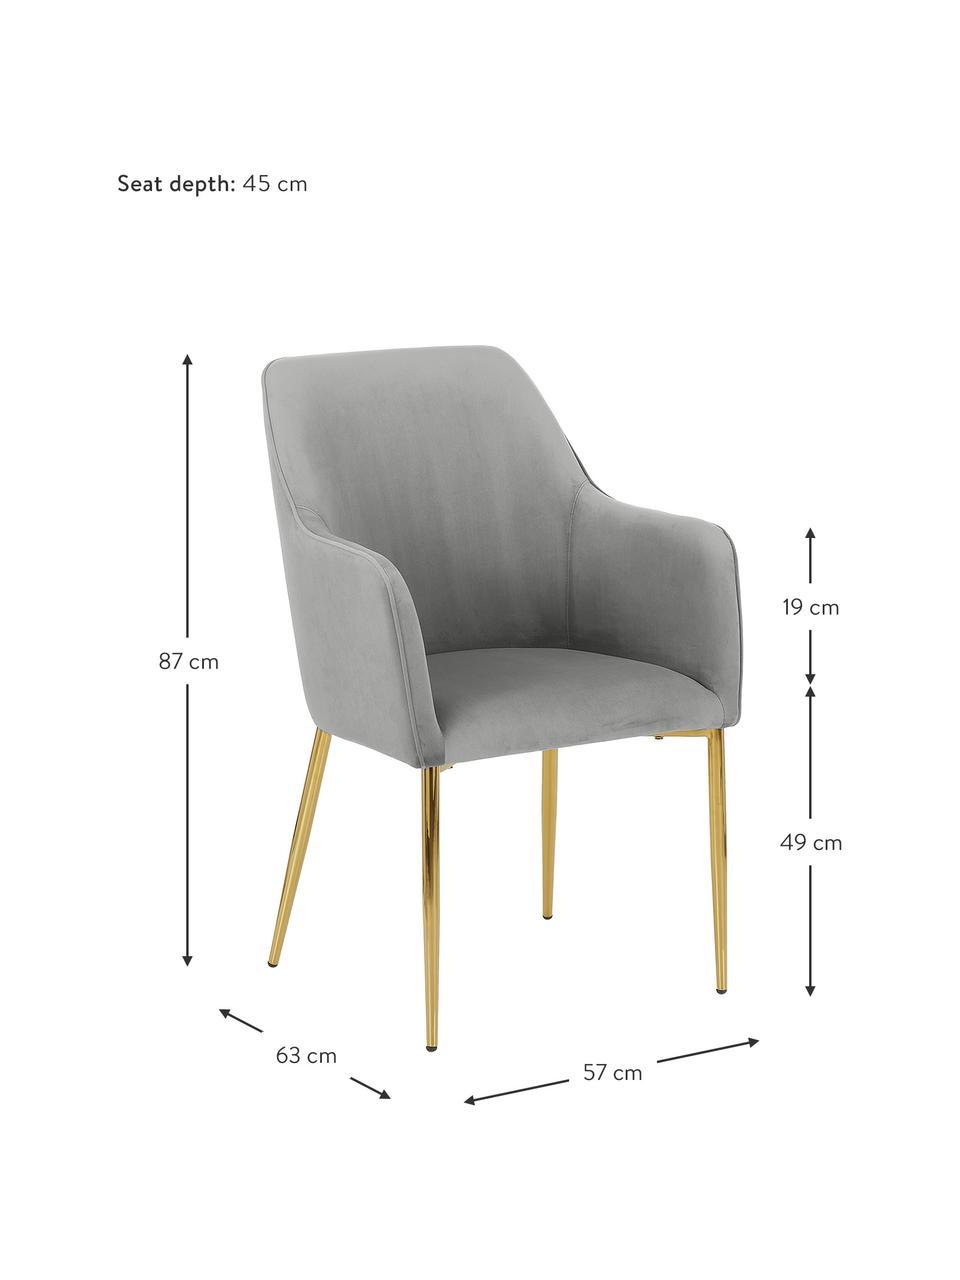 Krzesło z podłokietnikami z aksamitu Ava, Tapicerka: aksamit (100% poliester) , Nogi: metal galwanizowany, Aksamitny szary, S 57 x G 63 cm